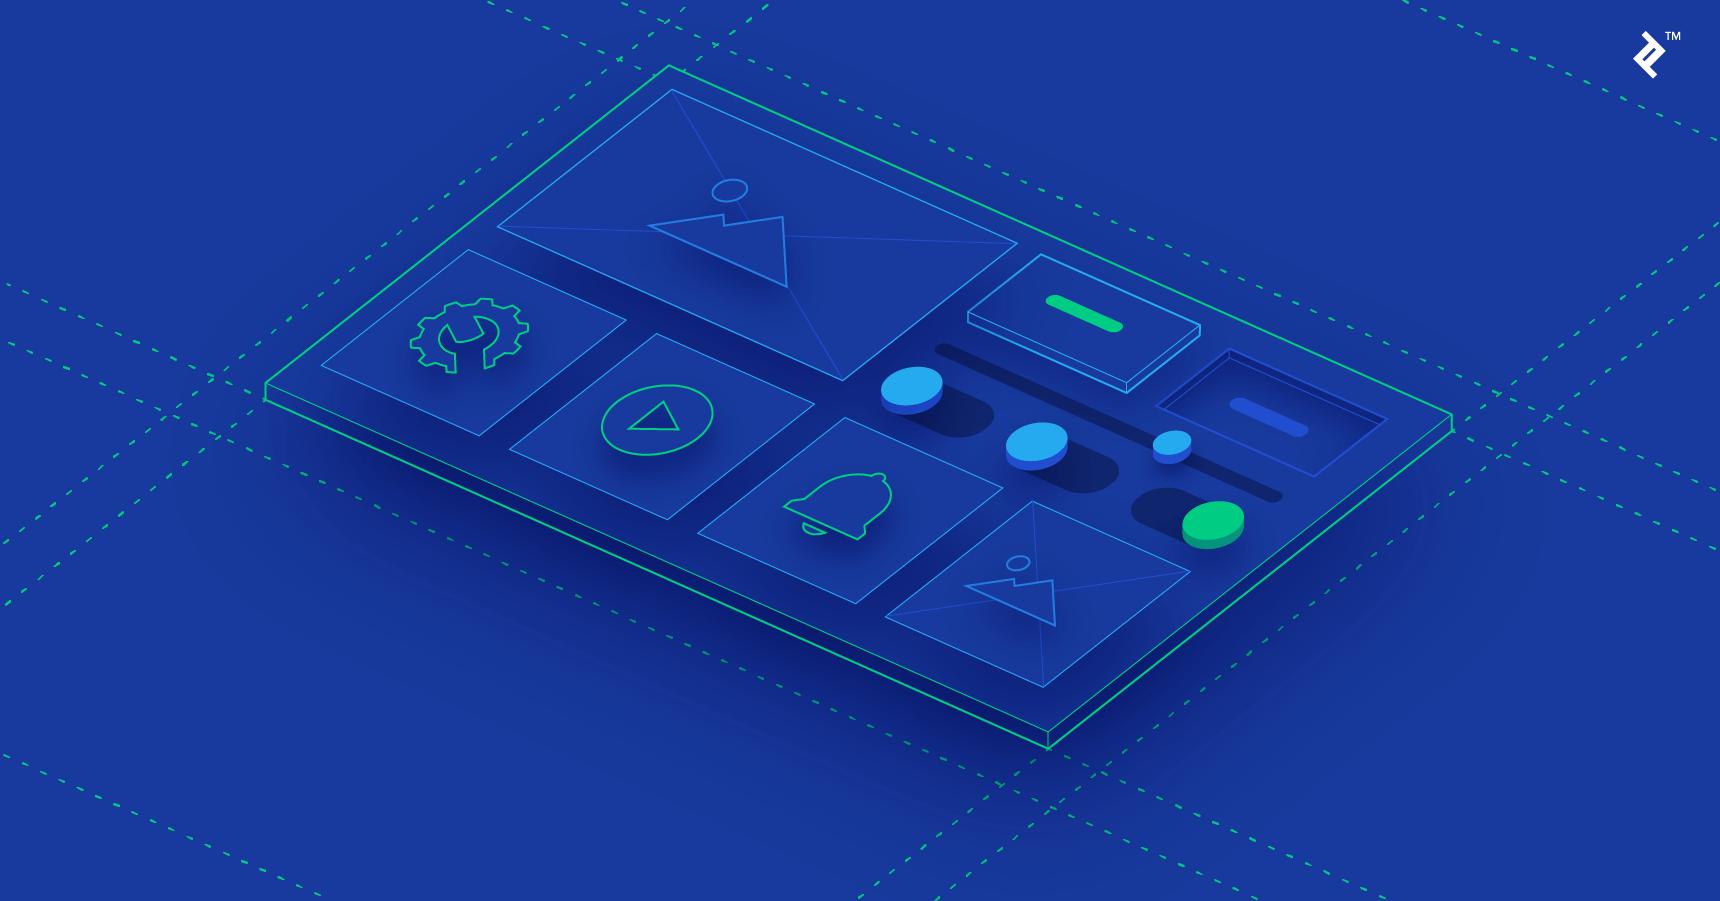 طراحی رابط کاربری اپلیکیشن